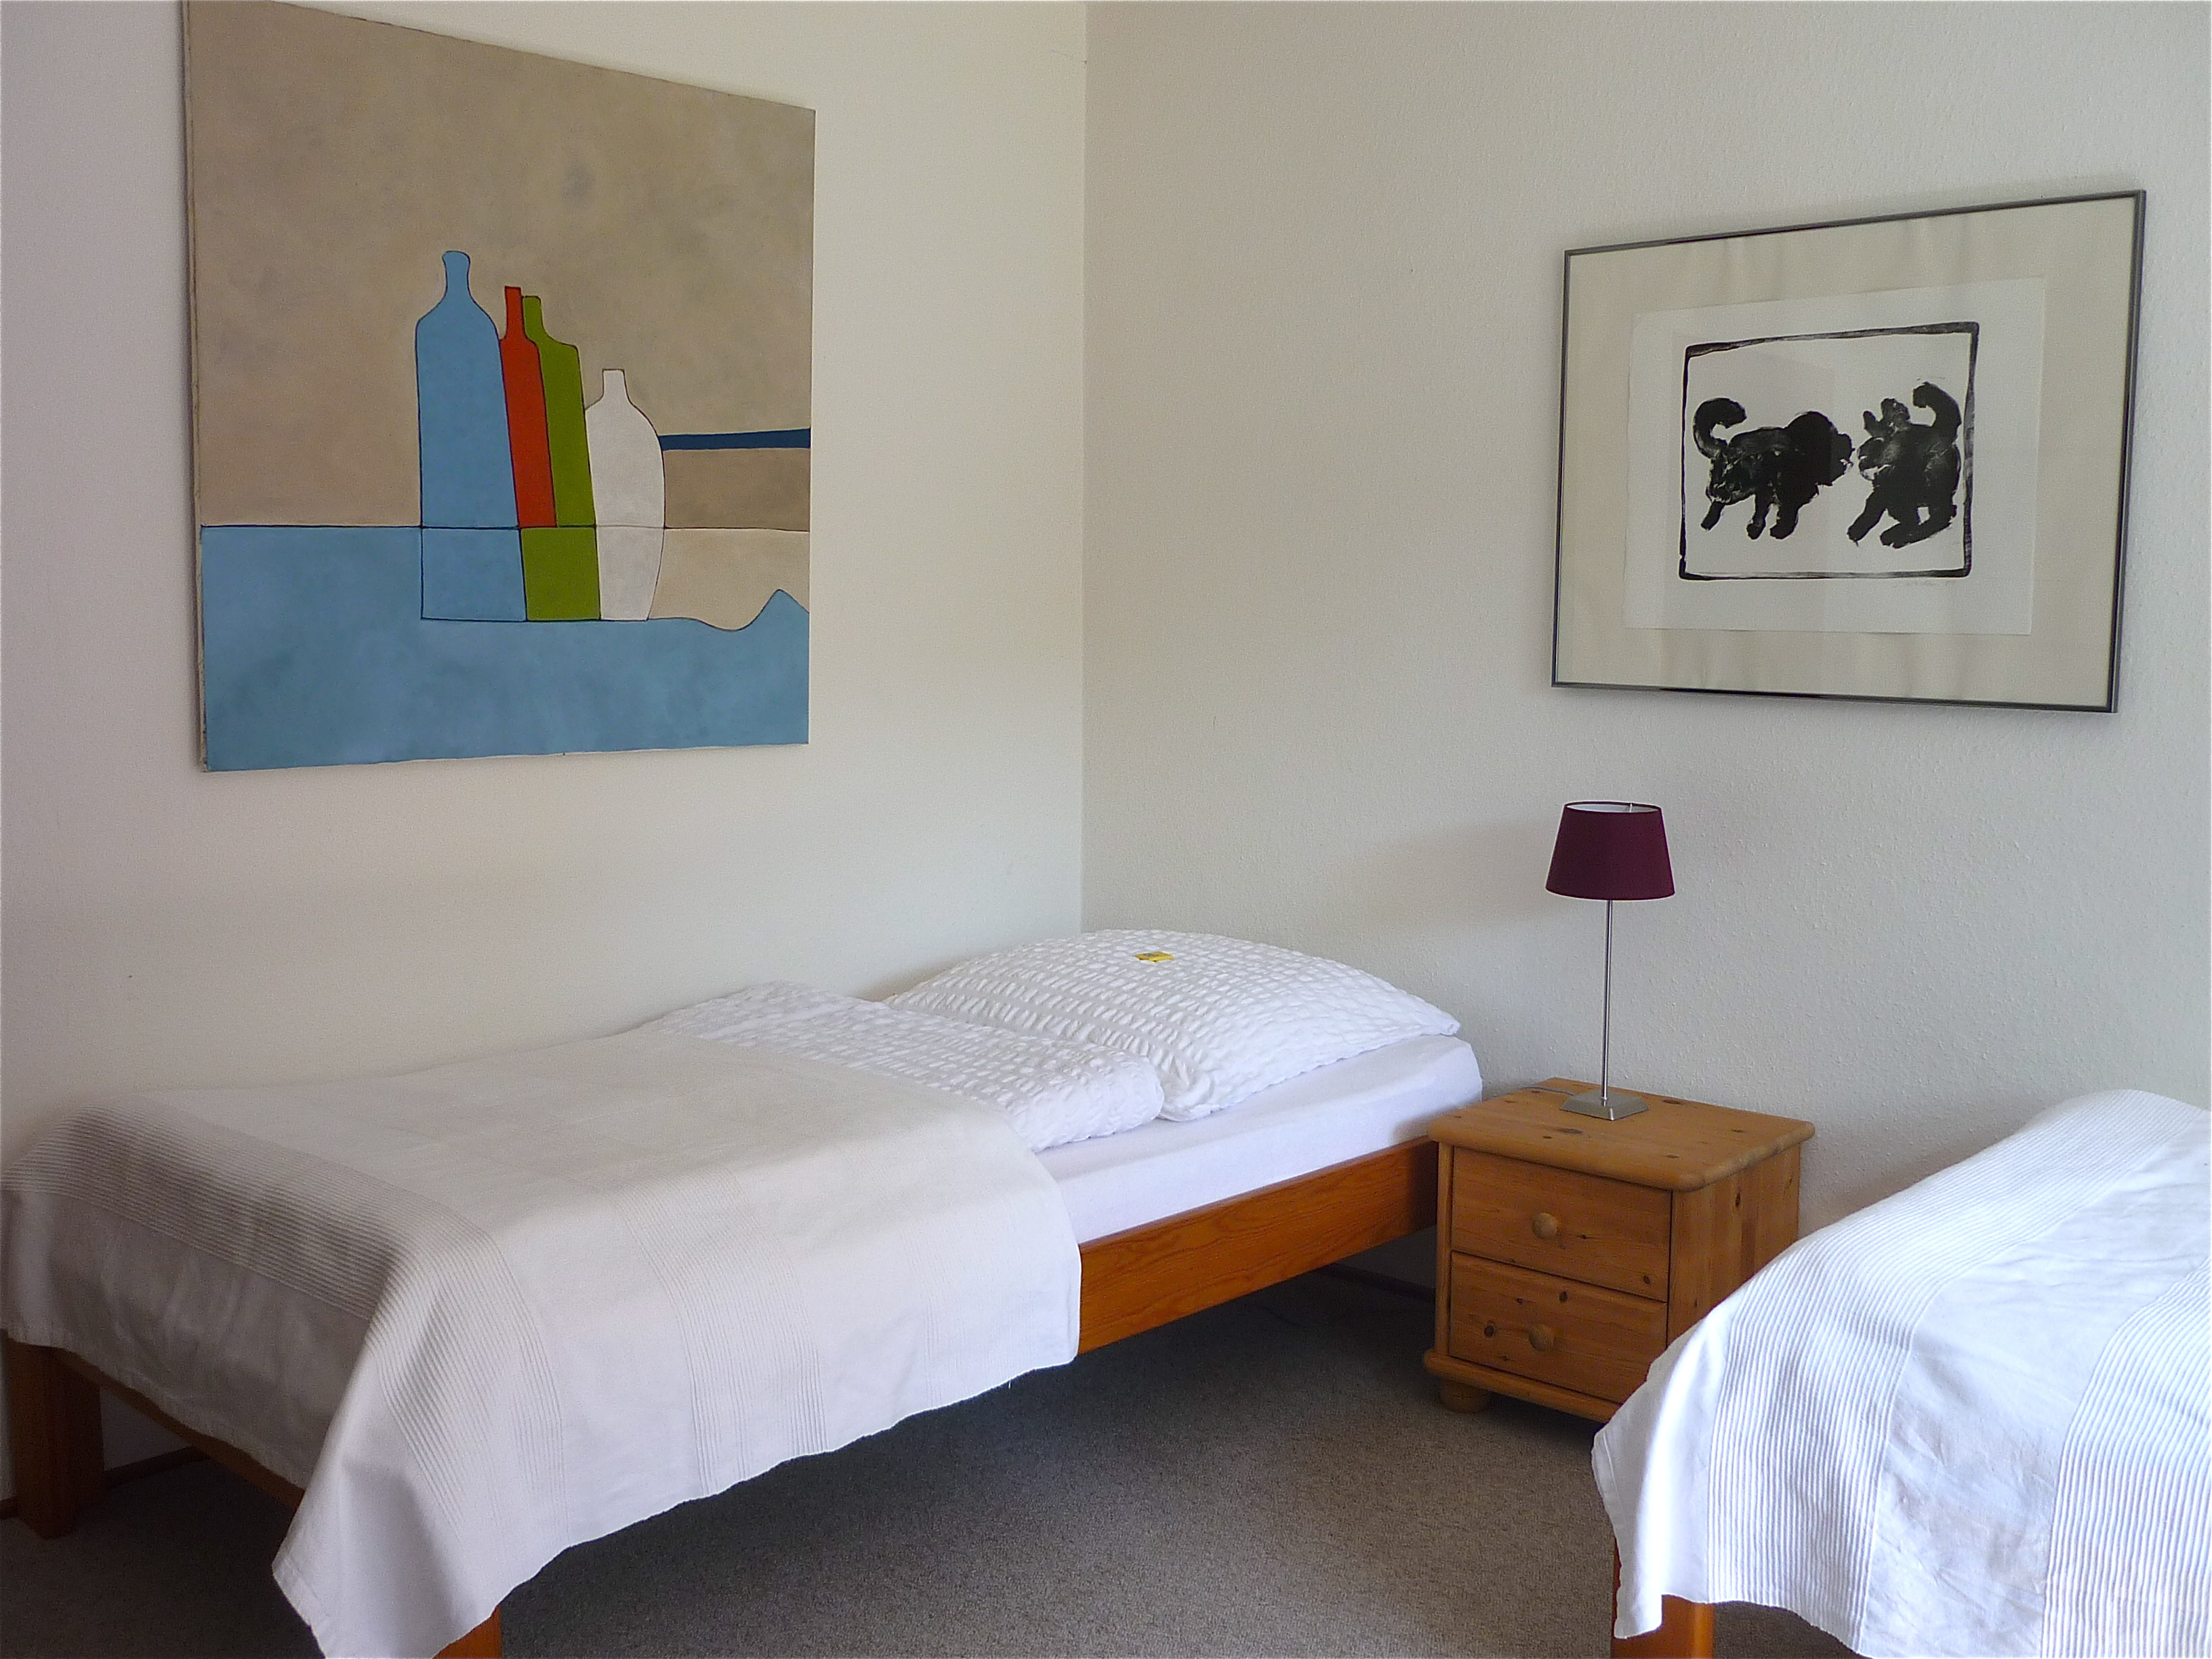 Klosterhof Brunshausen - Zweibettzimmer im Gästehaus